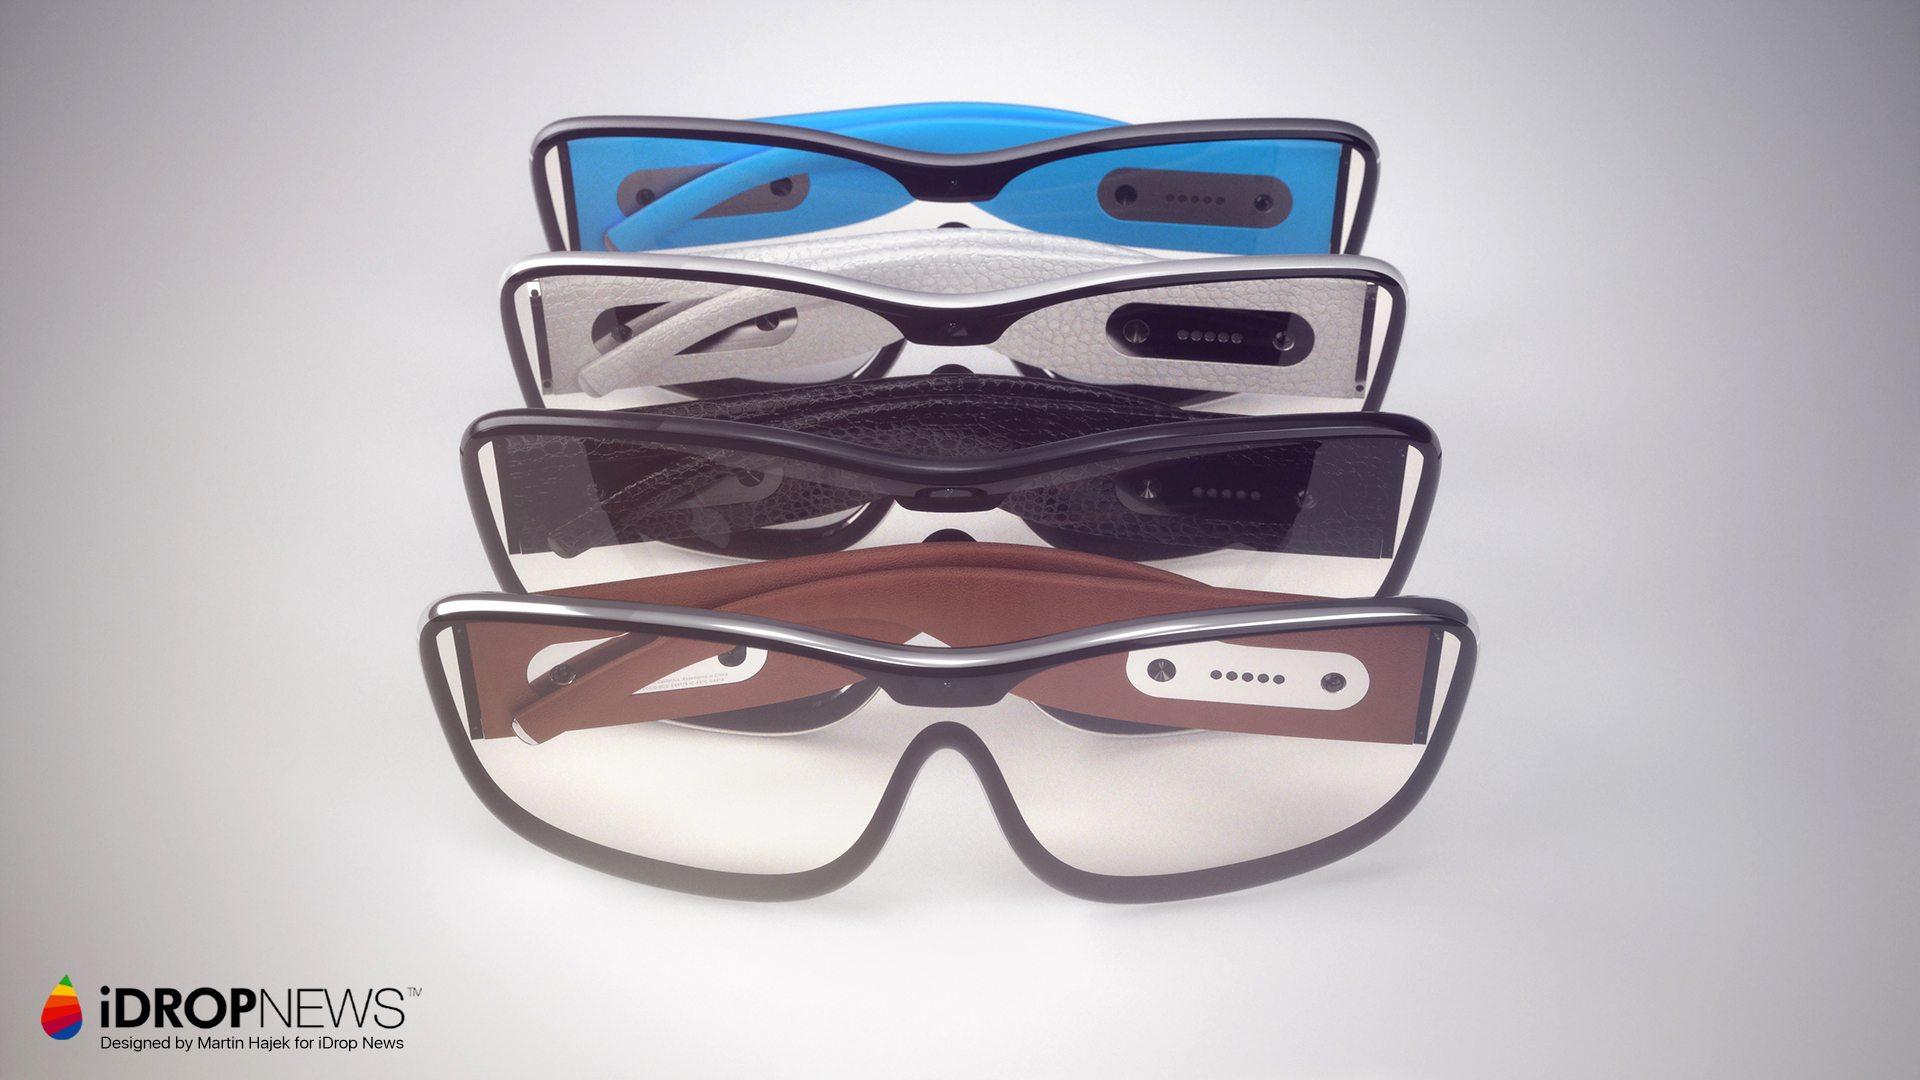 apple-glass-ar-glasses-idrop-news-x-martin-hajek-24